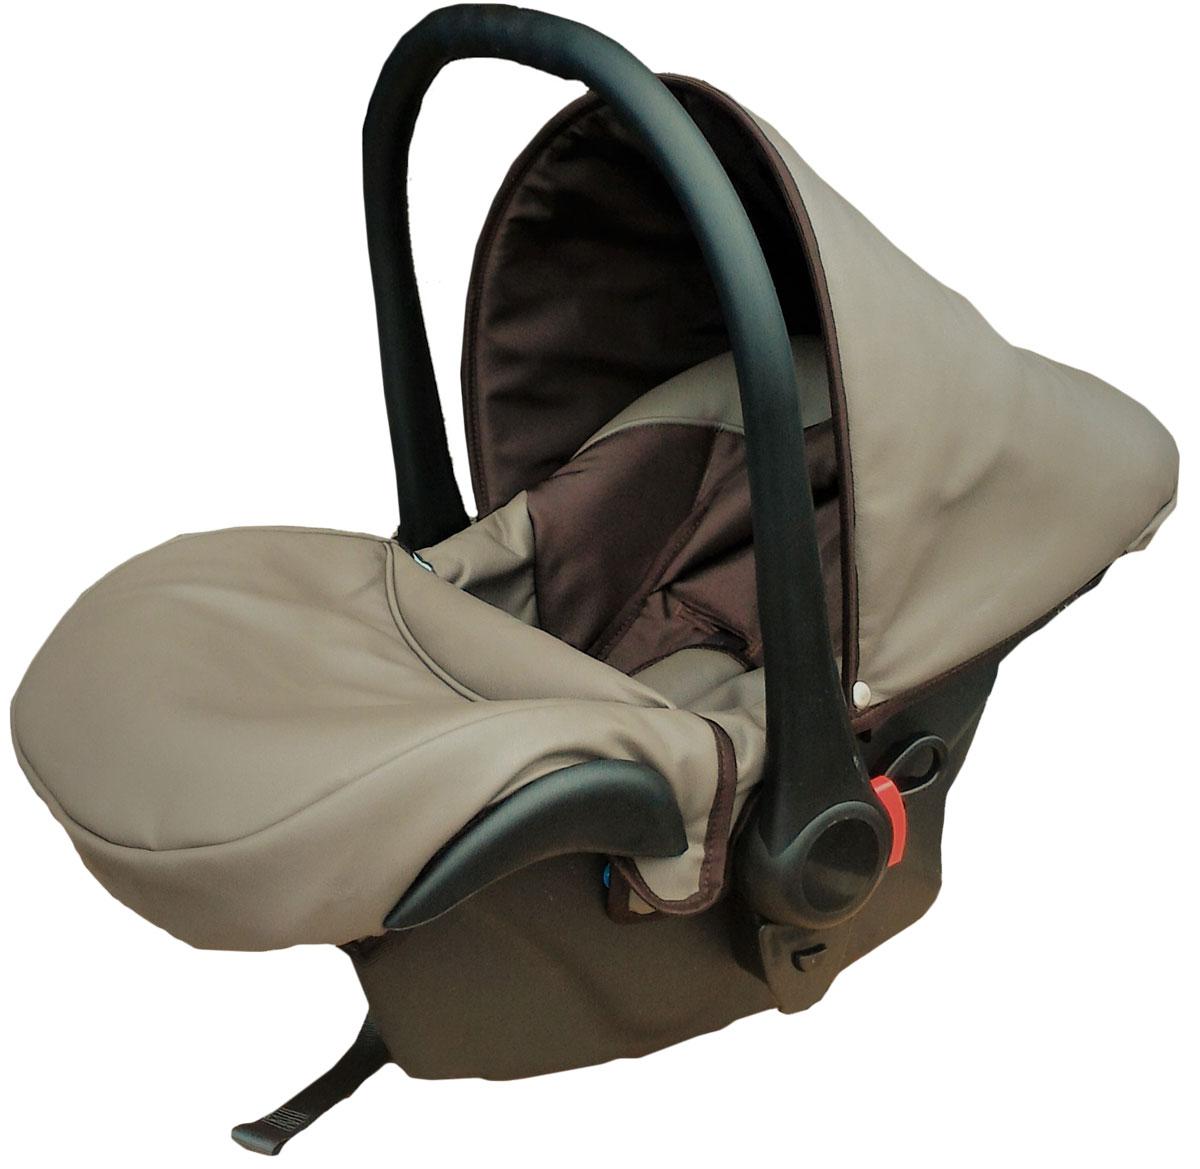 Lonex Автокресло цвет коричневый от 0 до 13 кг F-DB-ECCOF-DB-ECCOОчень лёгкоеавтокресло Lonexподойдет для любого автомобиля.Для малышей до 1 года (от 0 до 13 кг (группа 0+). Анатомическая подушечка создает комфорт малышу. Отстегивающийся козырек защитит ребенка от солнца, а теплая накидка на ножки обеспечит комфорт в прохладную погоду. Возможно установка горизонтального положения спинки. В кресле для малышей существует три надежных ремня безопасности со специальными накладками, которые не будут натирать нежную кожу ребенка. Данное автокресло возможно установить на все шасси колясок Lonex 2 в 1.